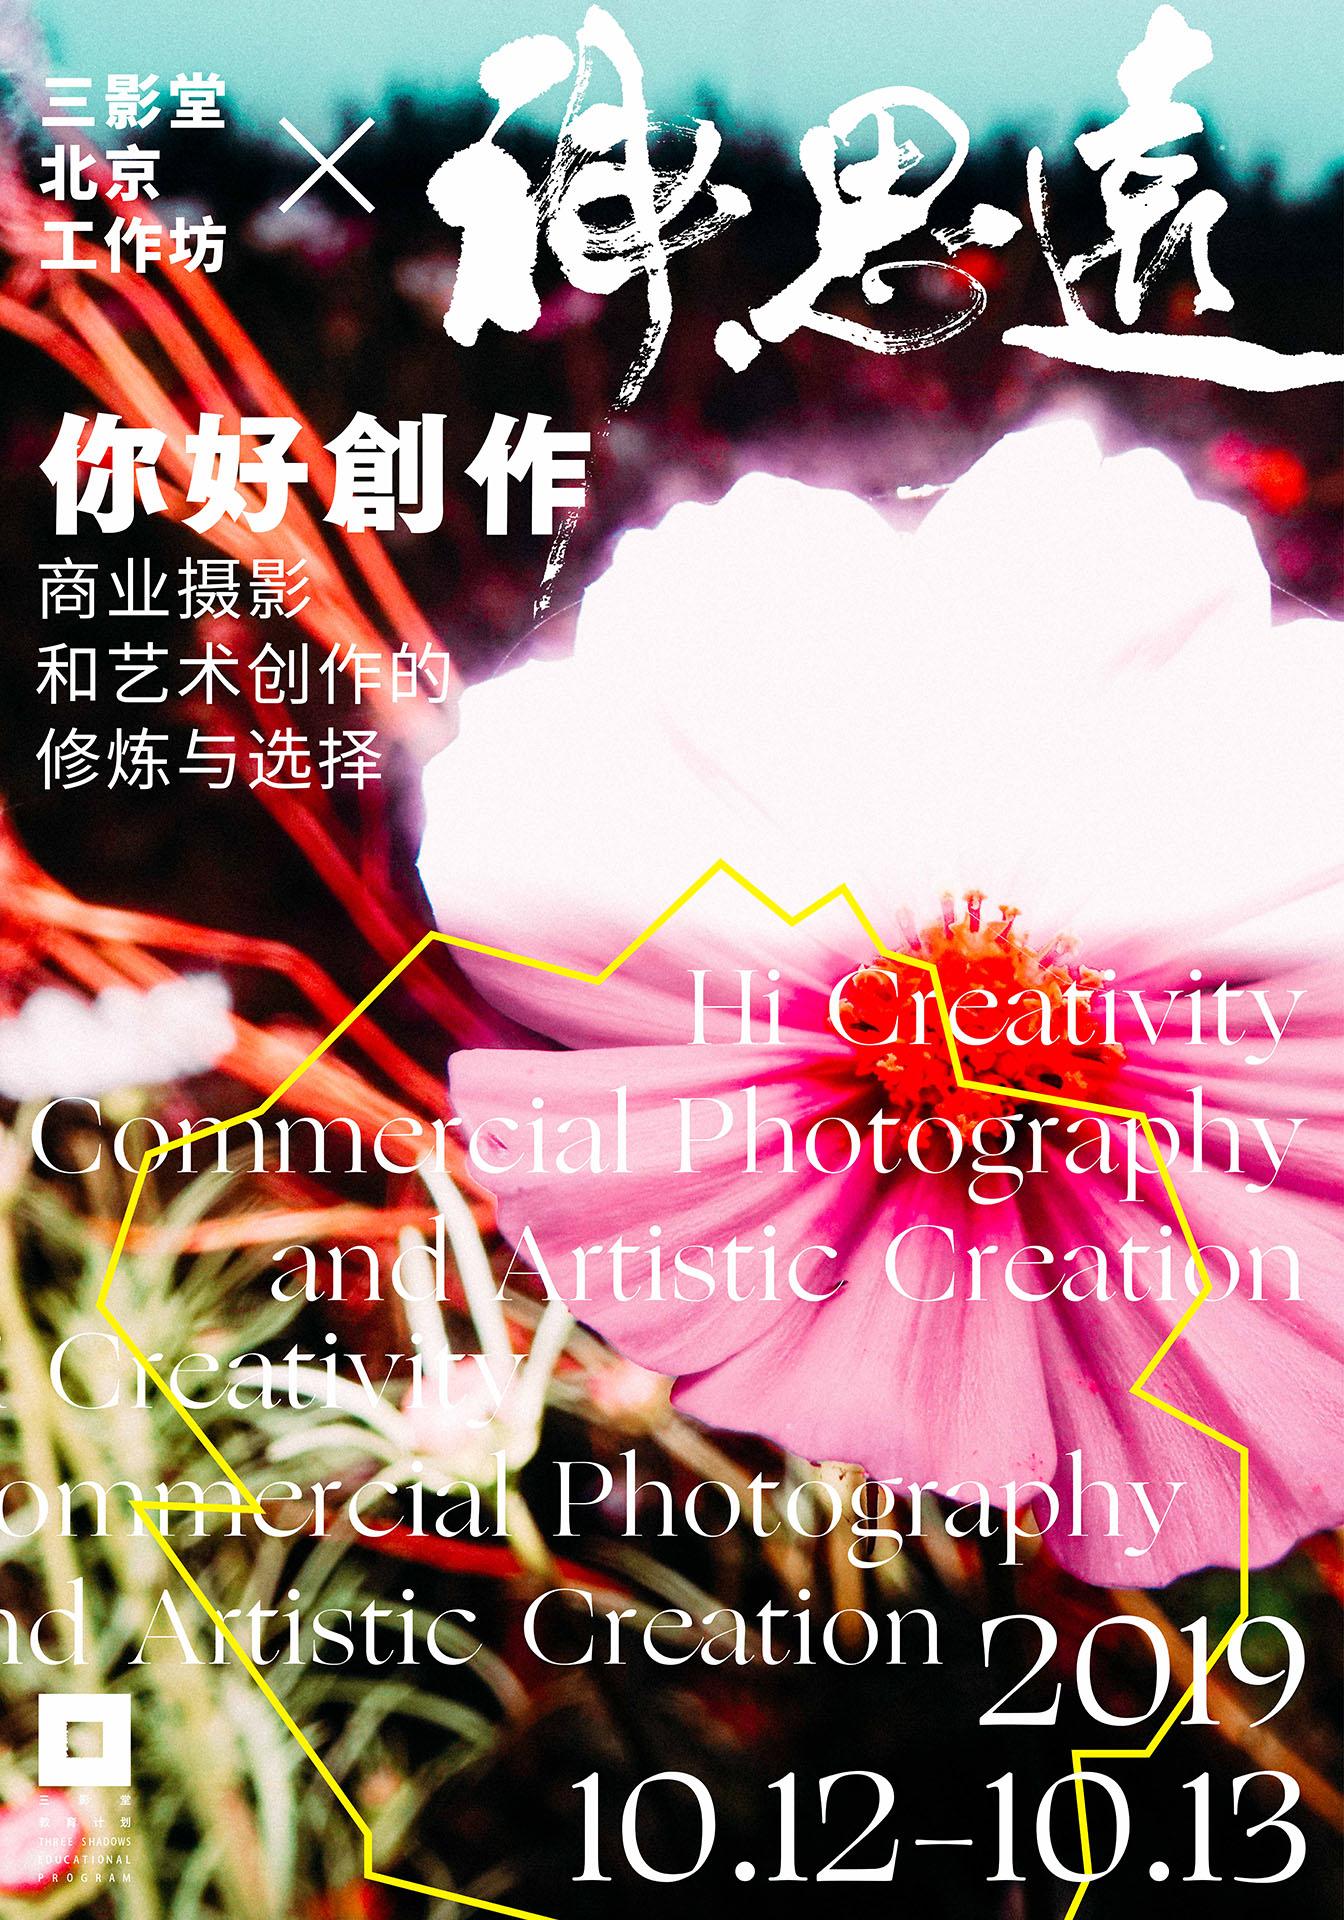 神思远工作坊:商业摄影和艺术创作的修炼与选择|三影堂教育